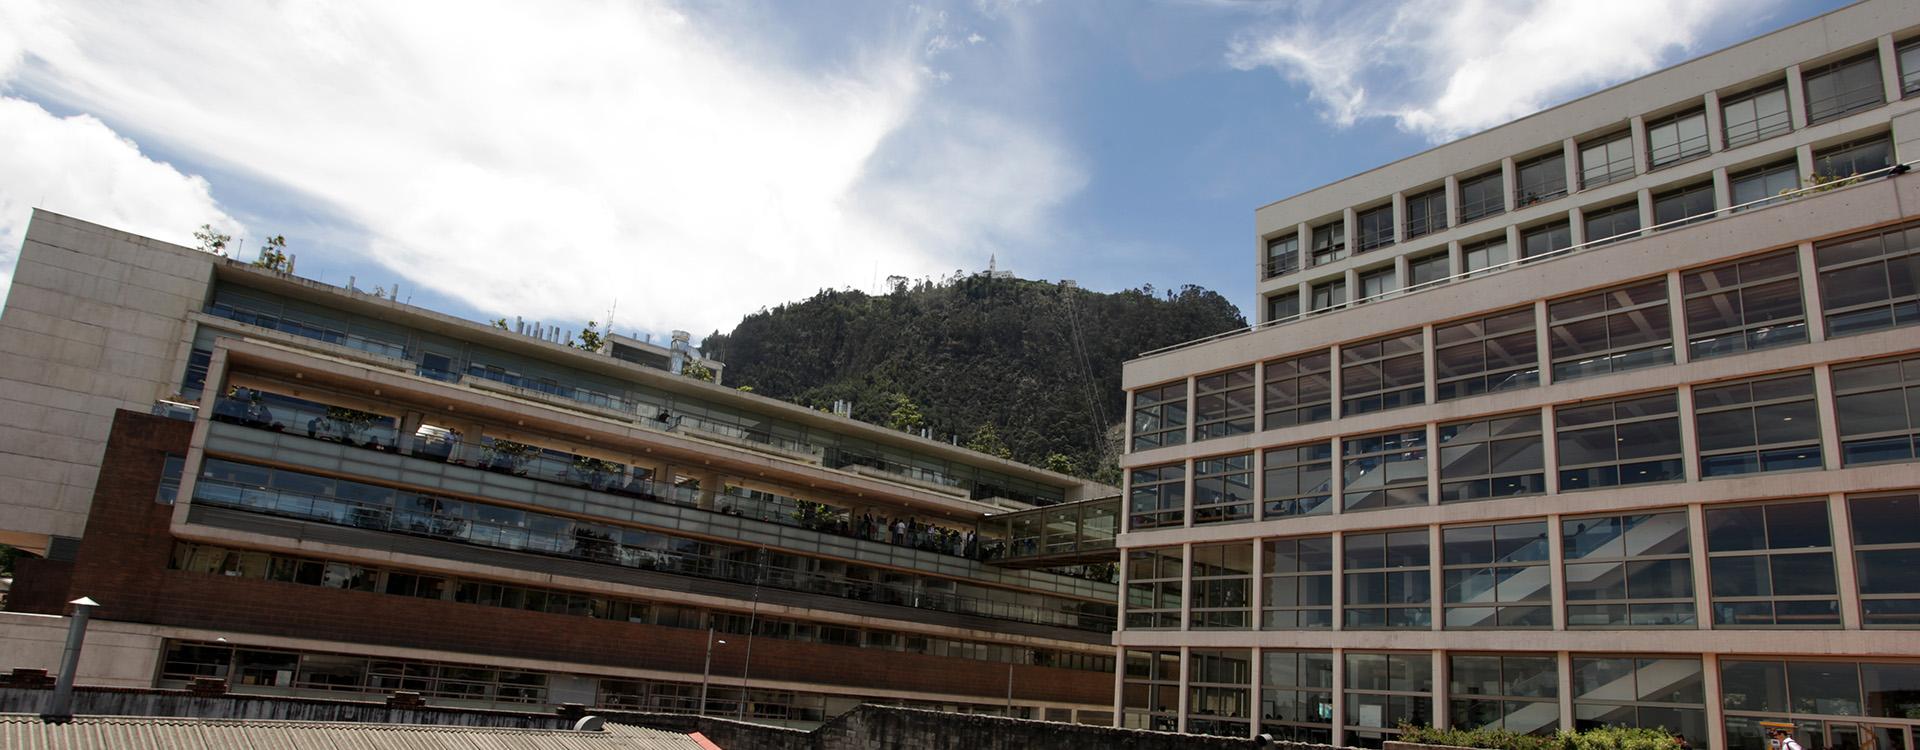 Edificios W y Mario Laserna de la Universidad de los Andes